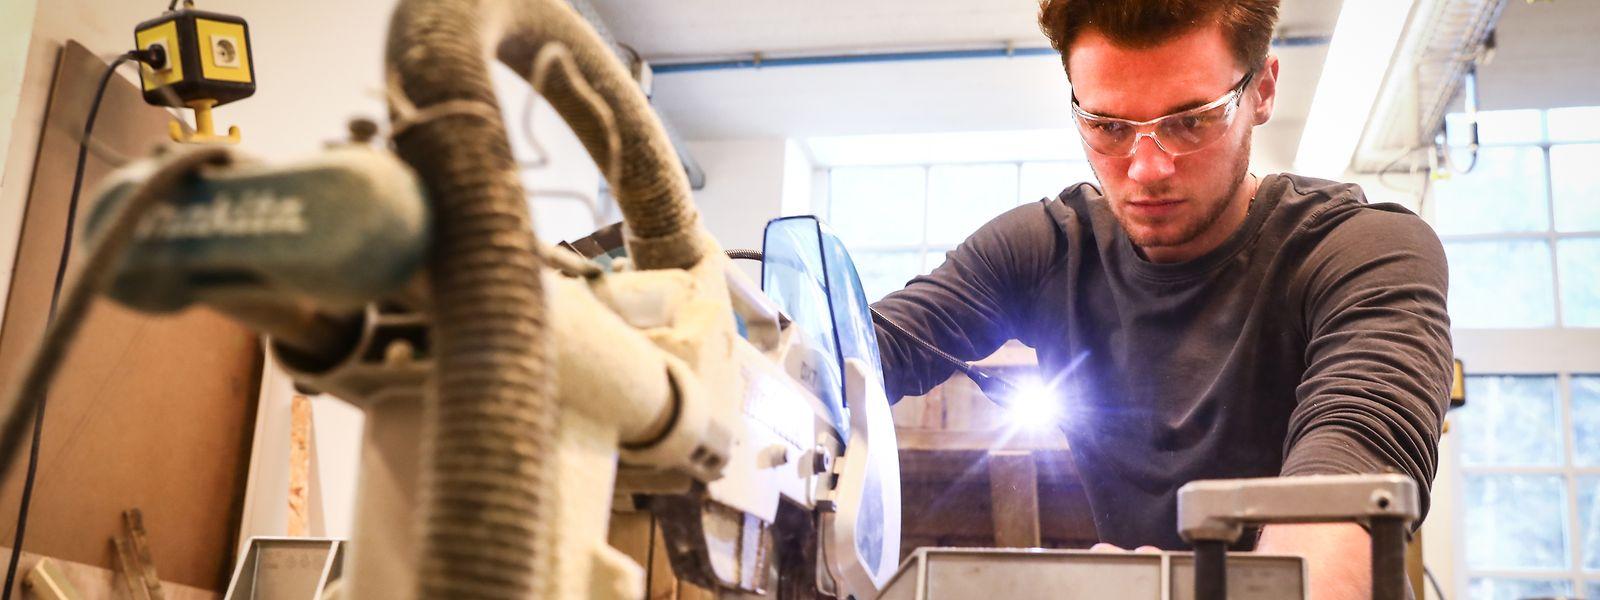 Während seines Volontariats in der Schreinerei des Atelier Schläifmillen lernte Bob Klepper mit verschiedenen Maschinen umzugehen.